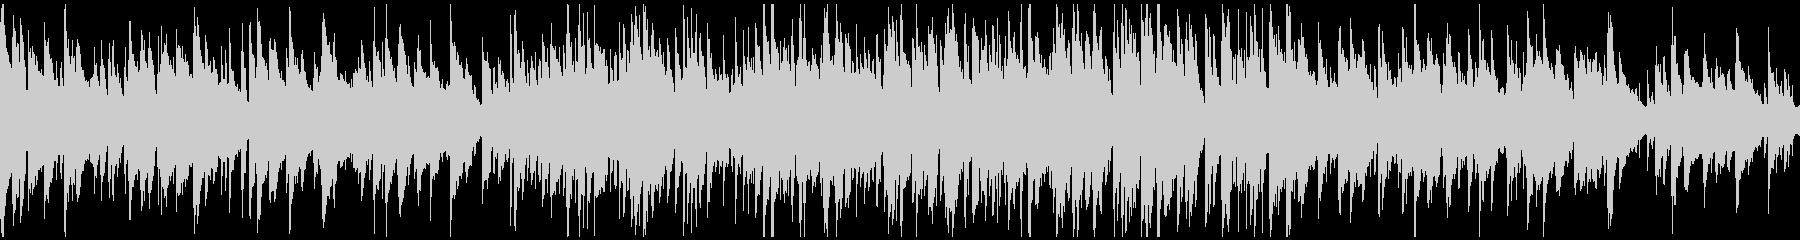 クールな北欧系ジャズ、サックス※ループ版の未再生の波形